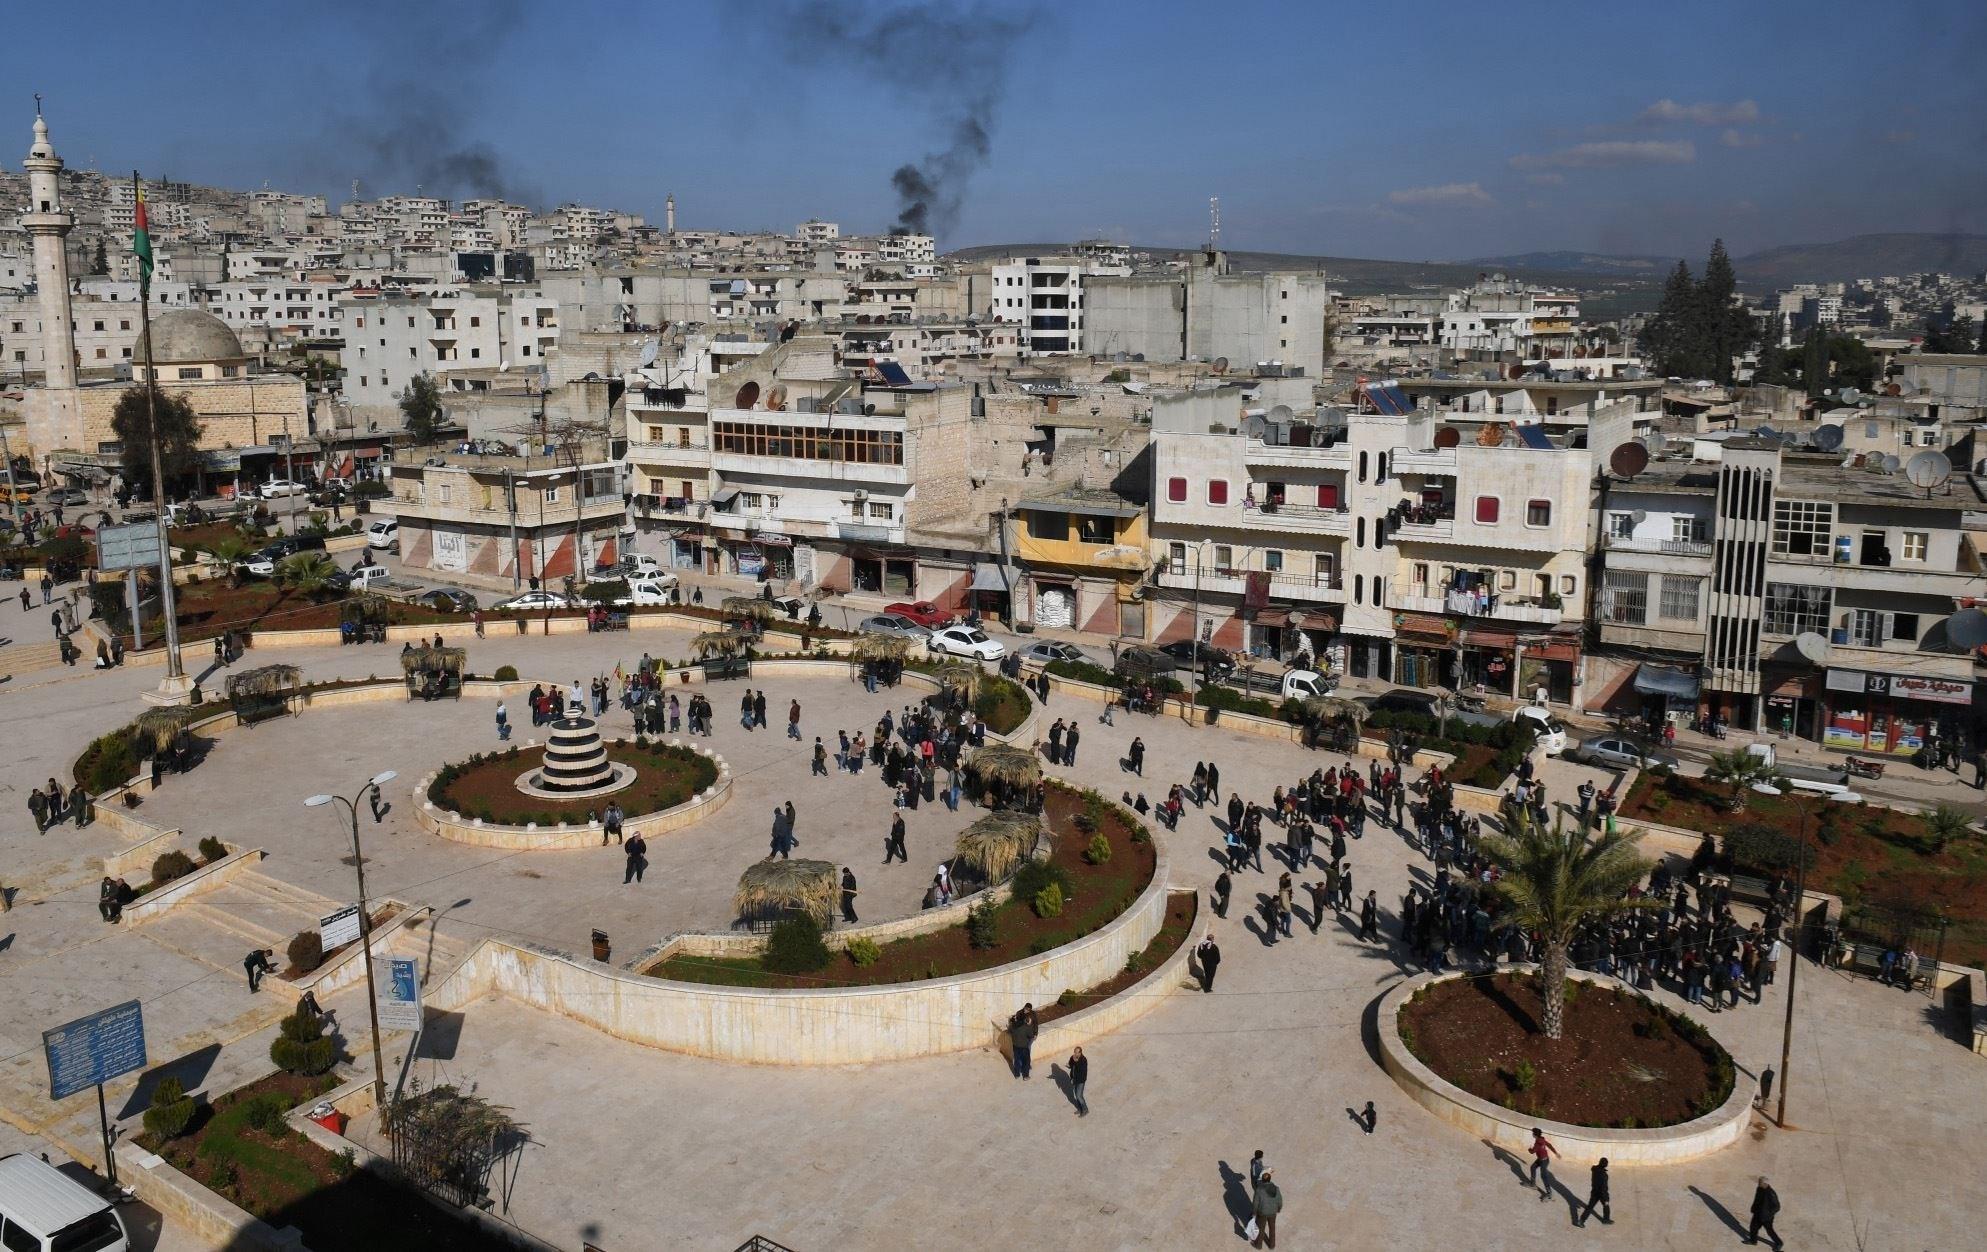 15 شهيداً وجريحاً بانفجارِ سيارة مفخخة في عفرين شمال حلب